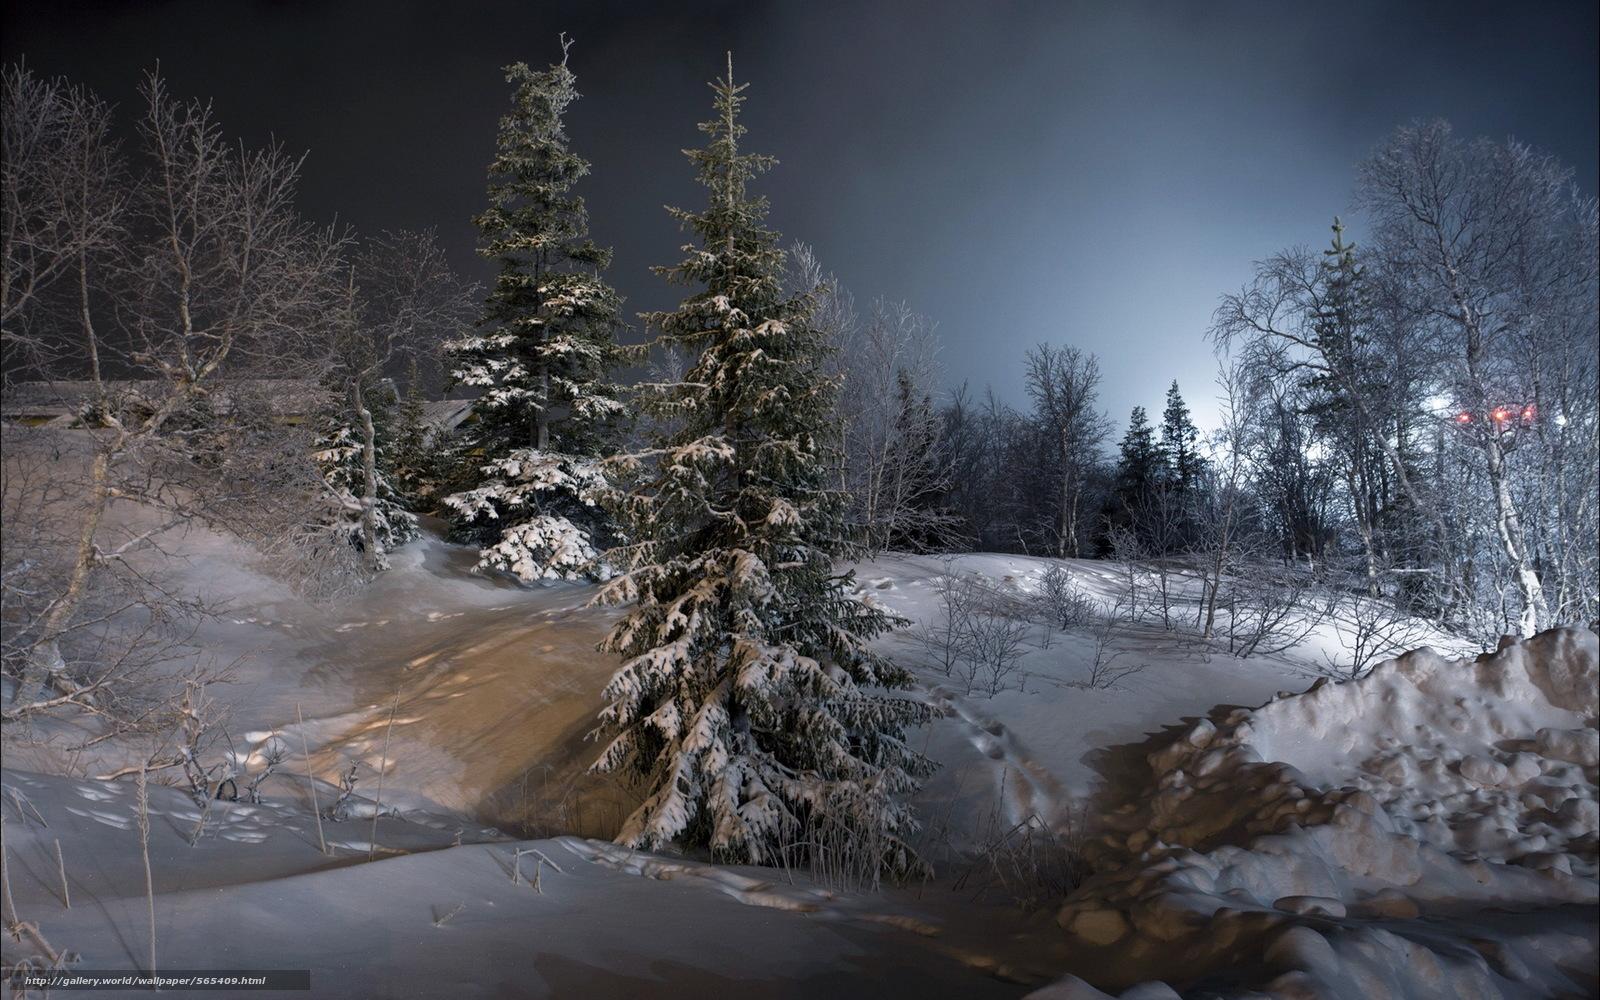 tlcharger fond d 39 ecran hiver arbres de no l paysage nuit fonds d 39 ecran gratuits pour votre. Black Bedroom Furniture Sets. Home Design Ideas